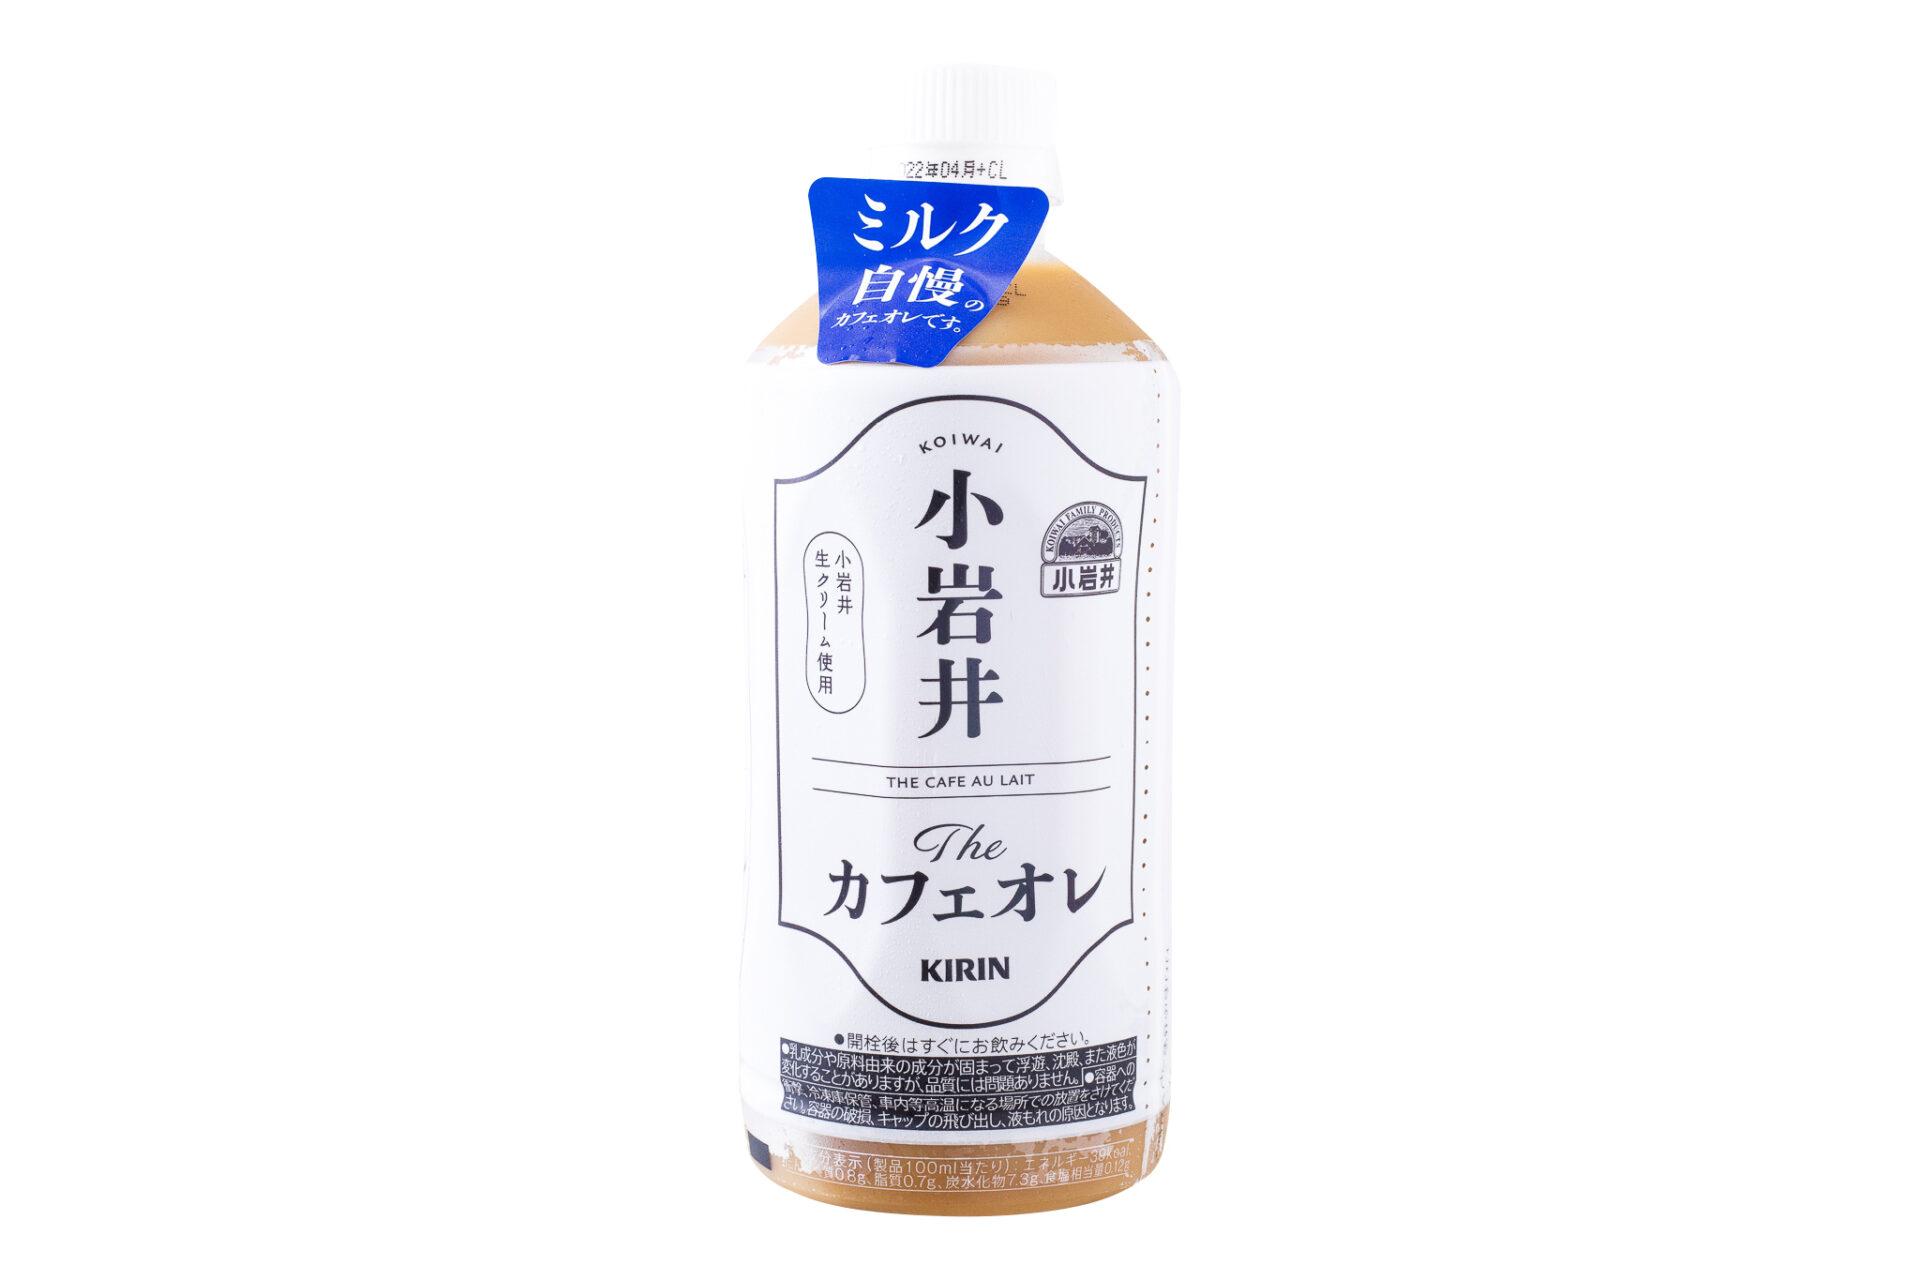 キリン『小岩井 Theカフェオレ 500ml ペットボトル』